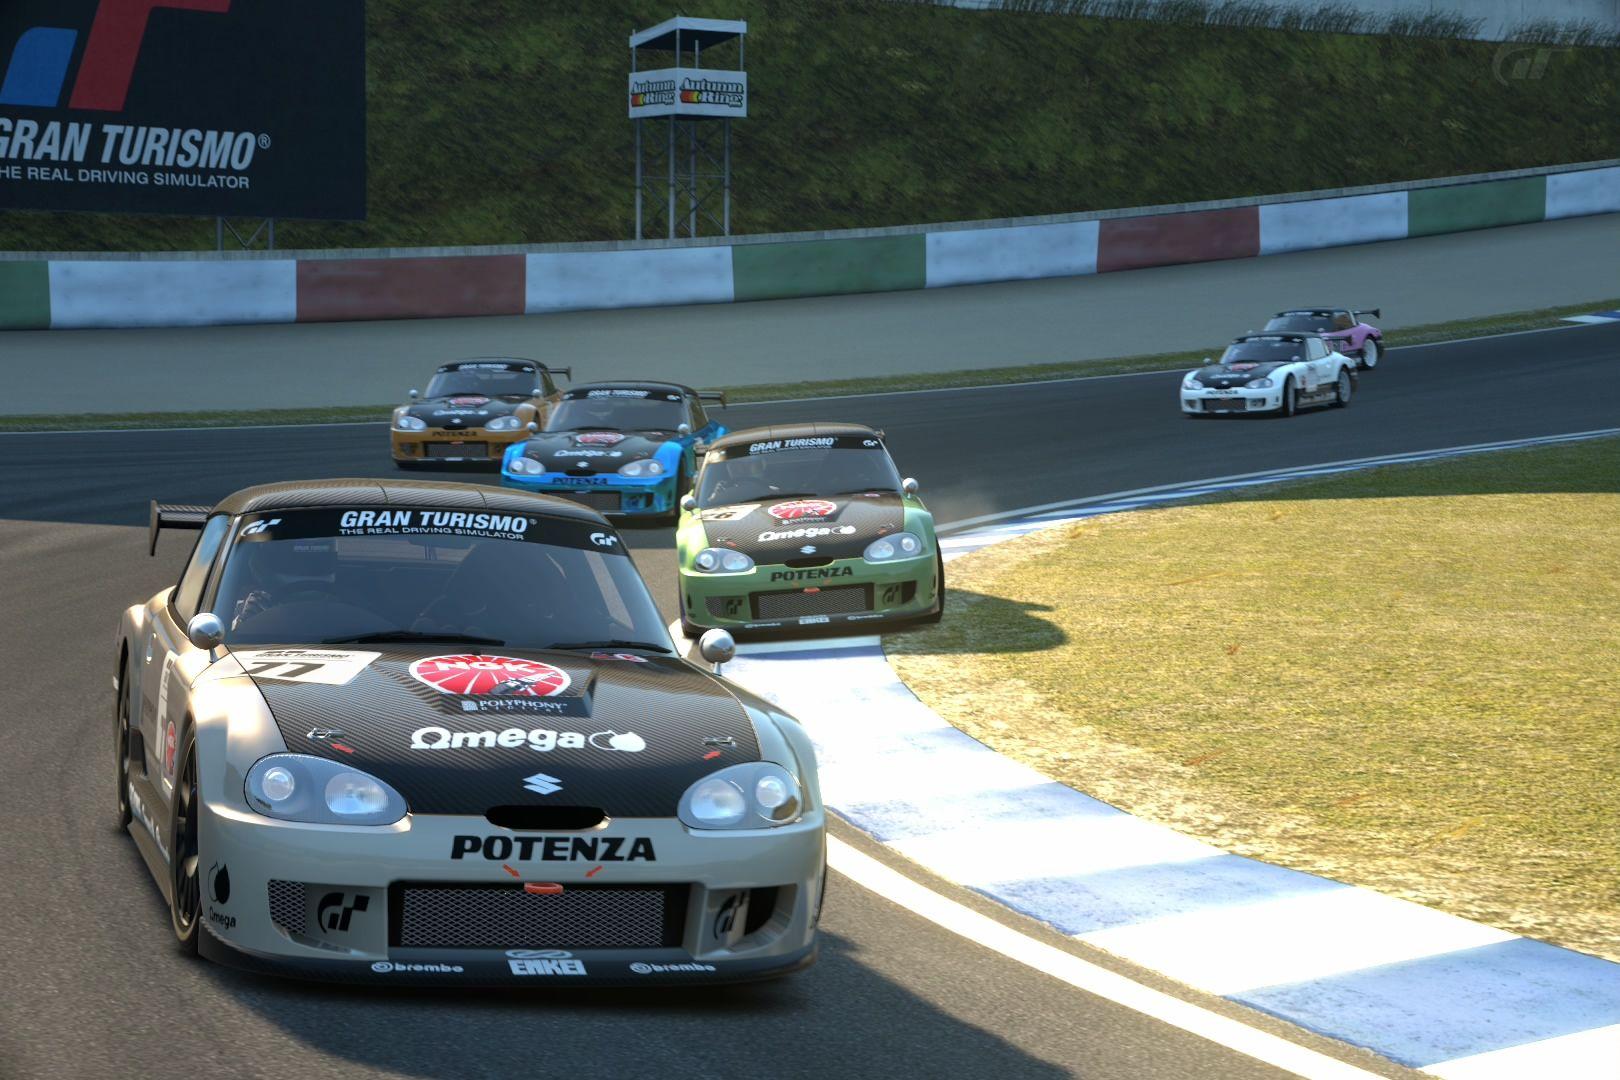 gt6 suzuki cappucino race car [ 1620 x 1080 Pixel ]